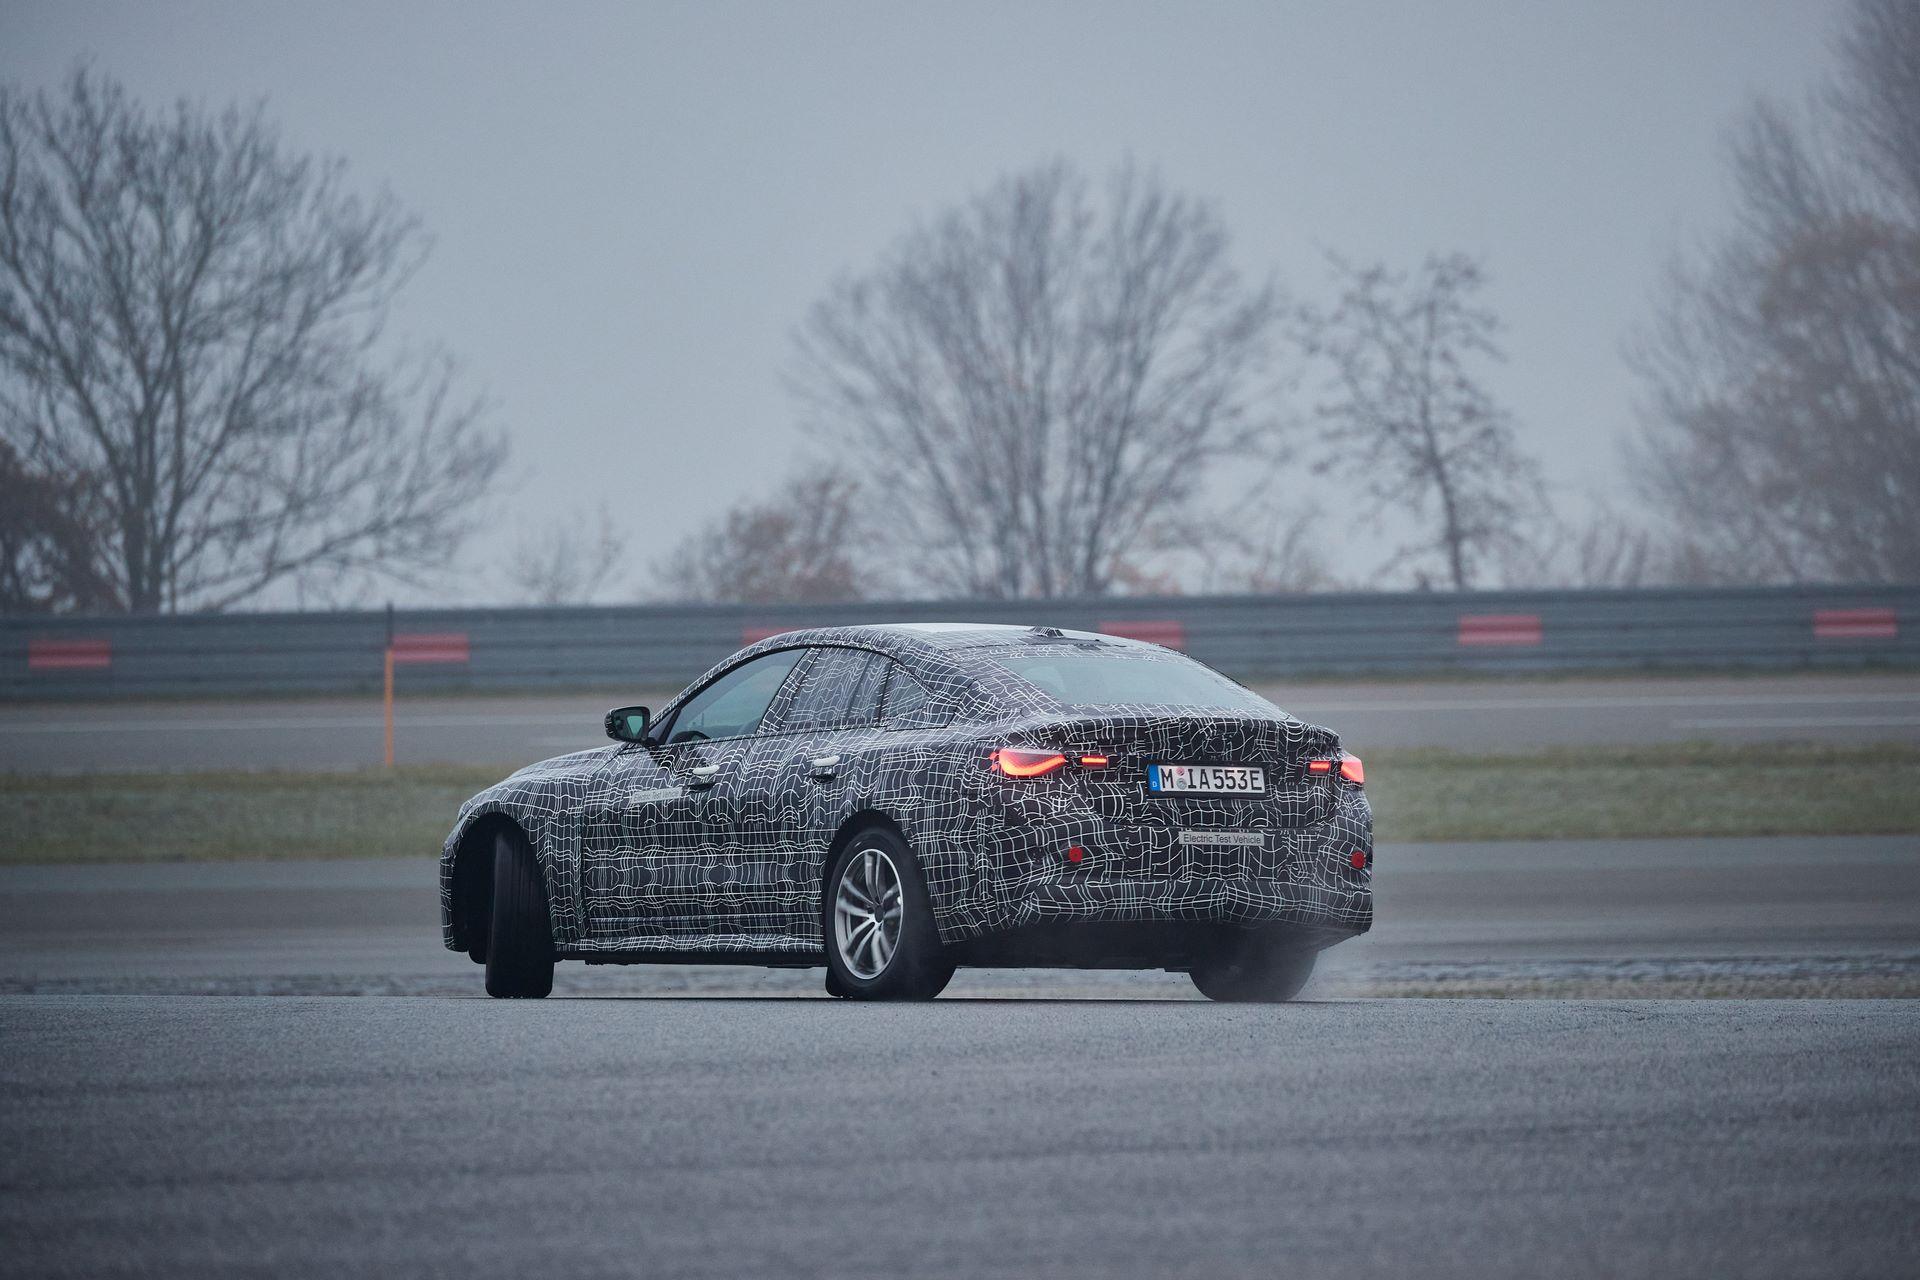 BMW-i4-spy-photos-44